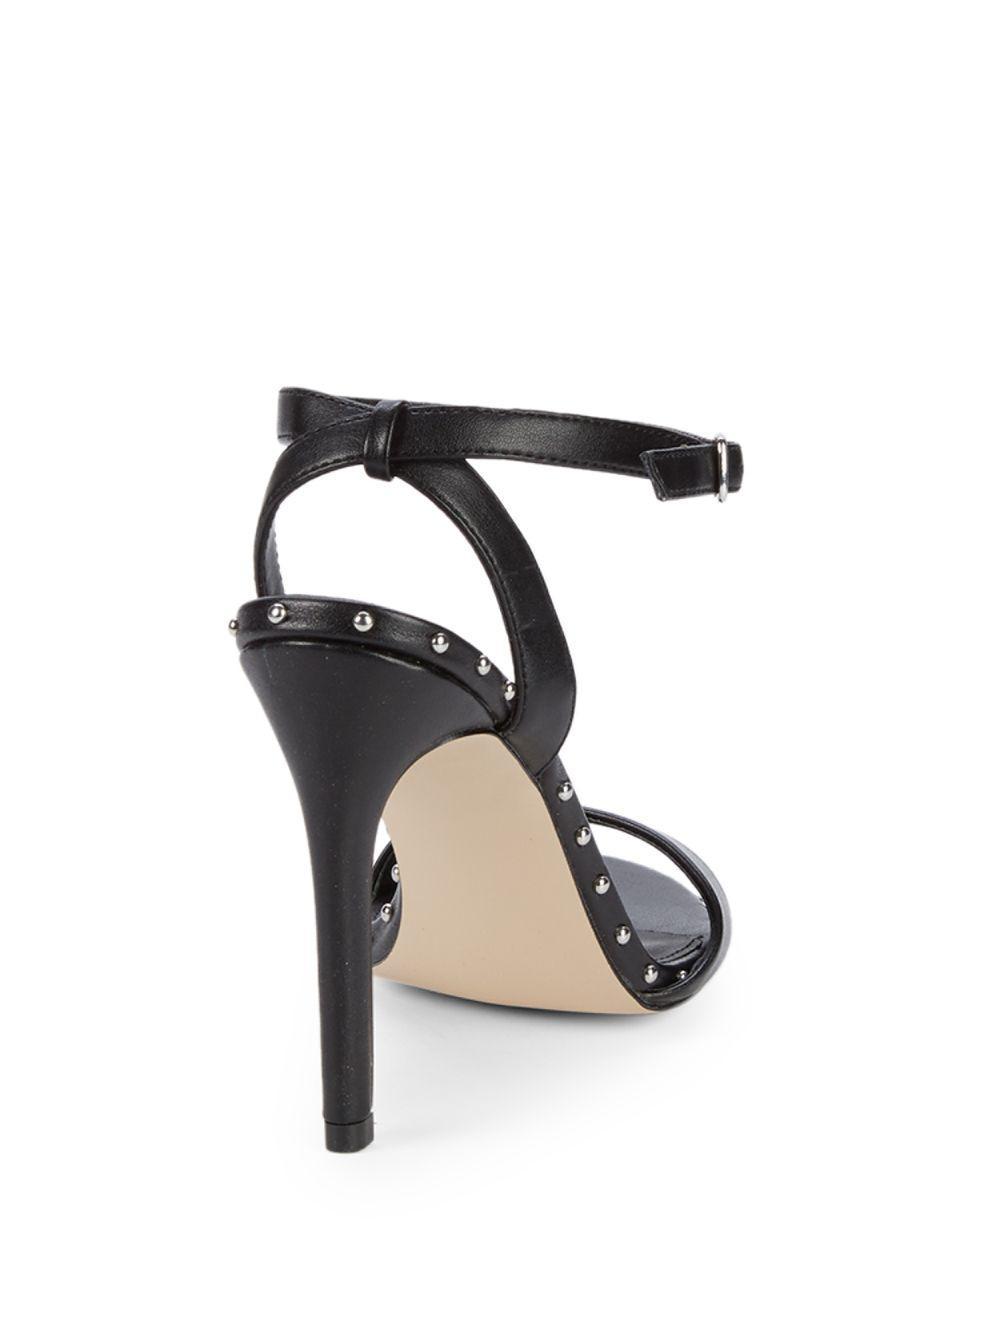 e44fe5b1e8 Steve Madden Raea Studded Stiletto Sandals in Black - Lyst